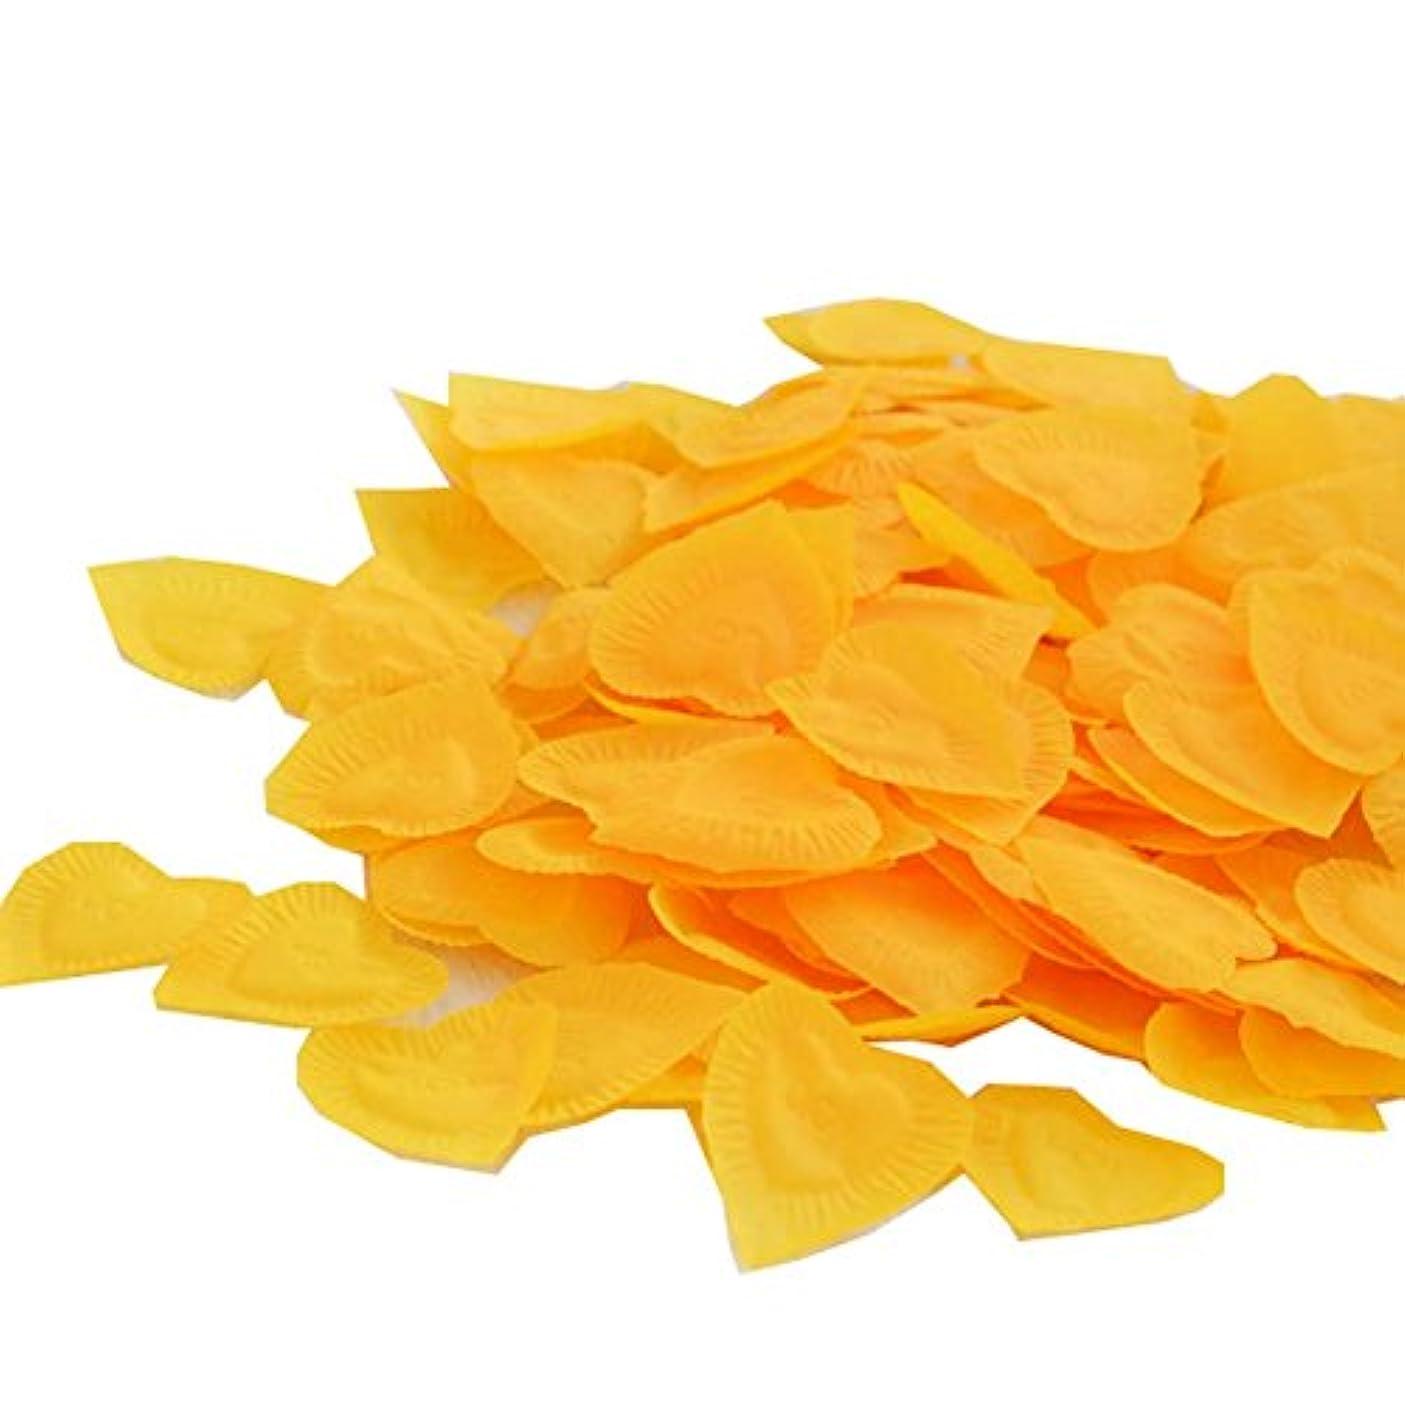 対応狂った物質840の結婚式のための愛のパターン人工ローズフラワーの花びら